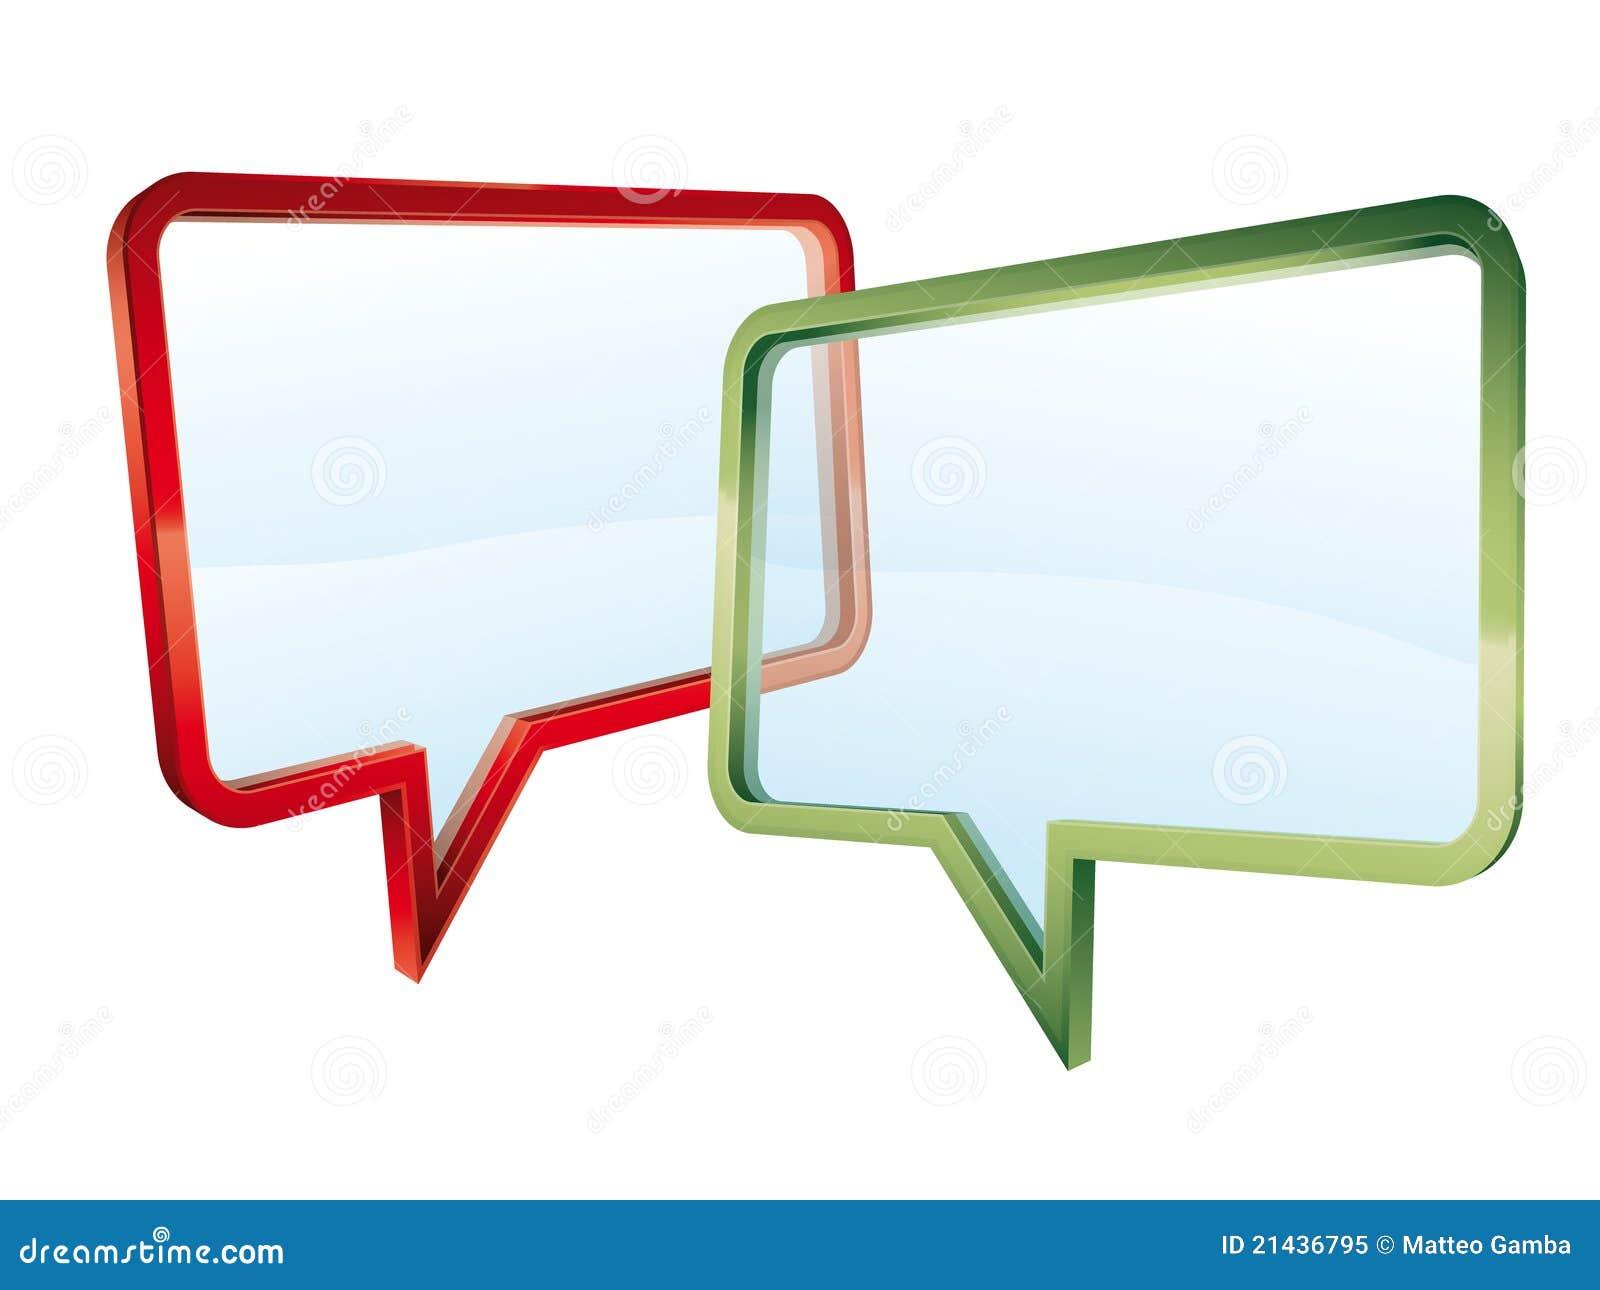 Rozmowa przejrzysta